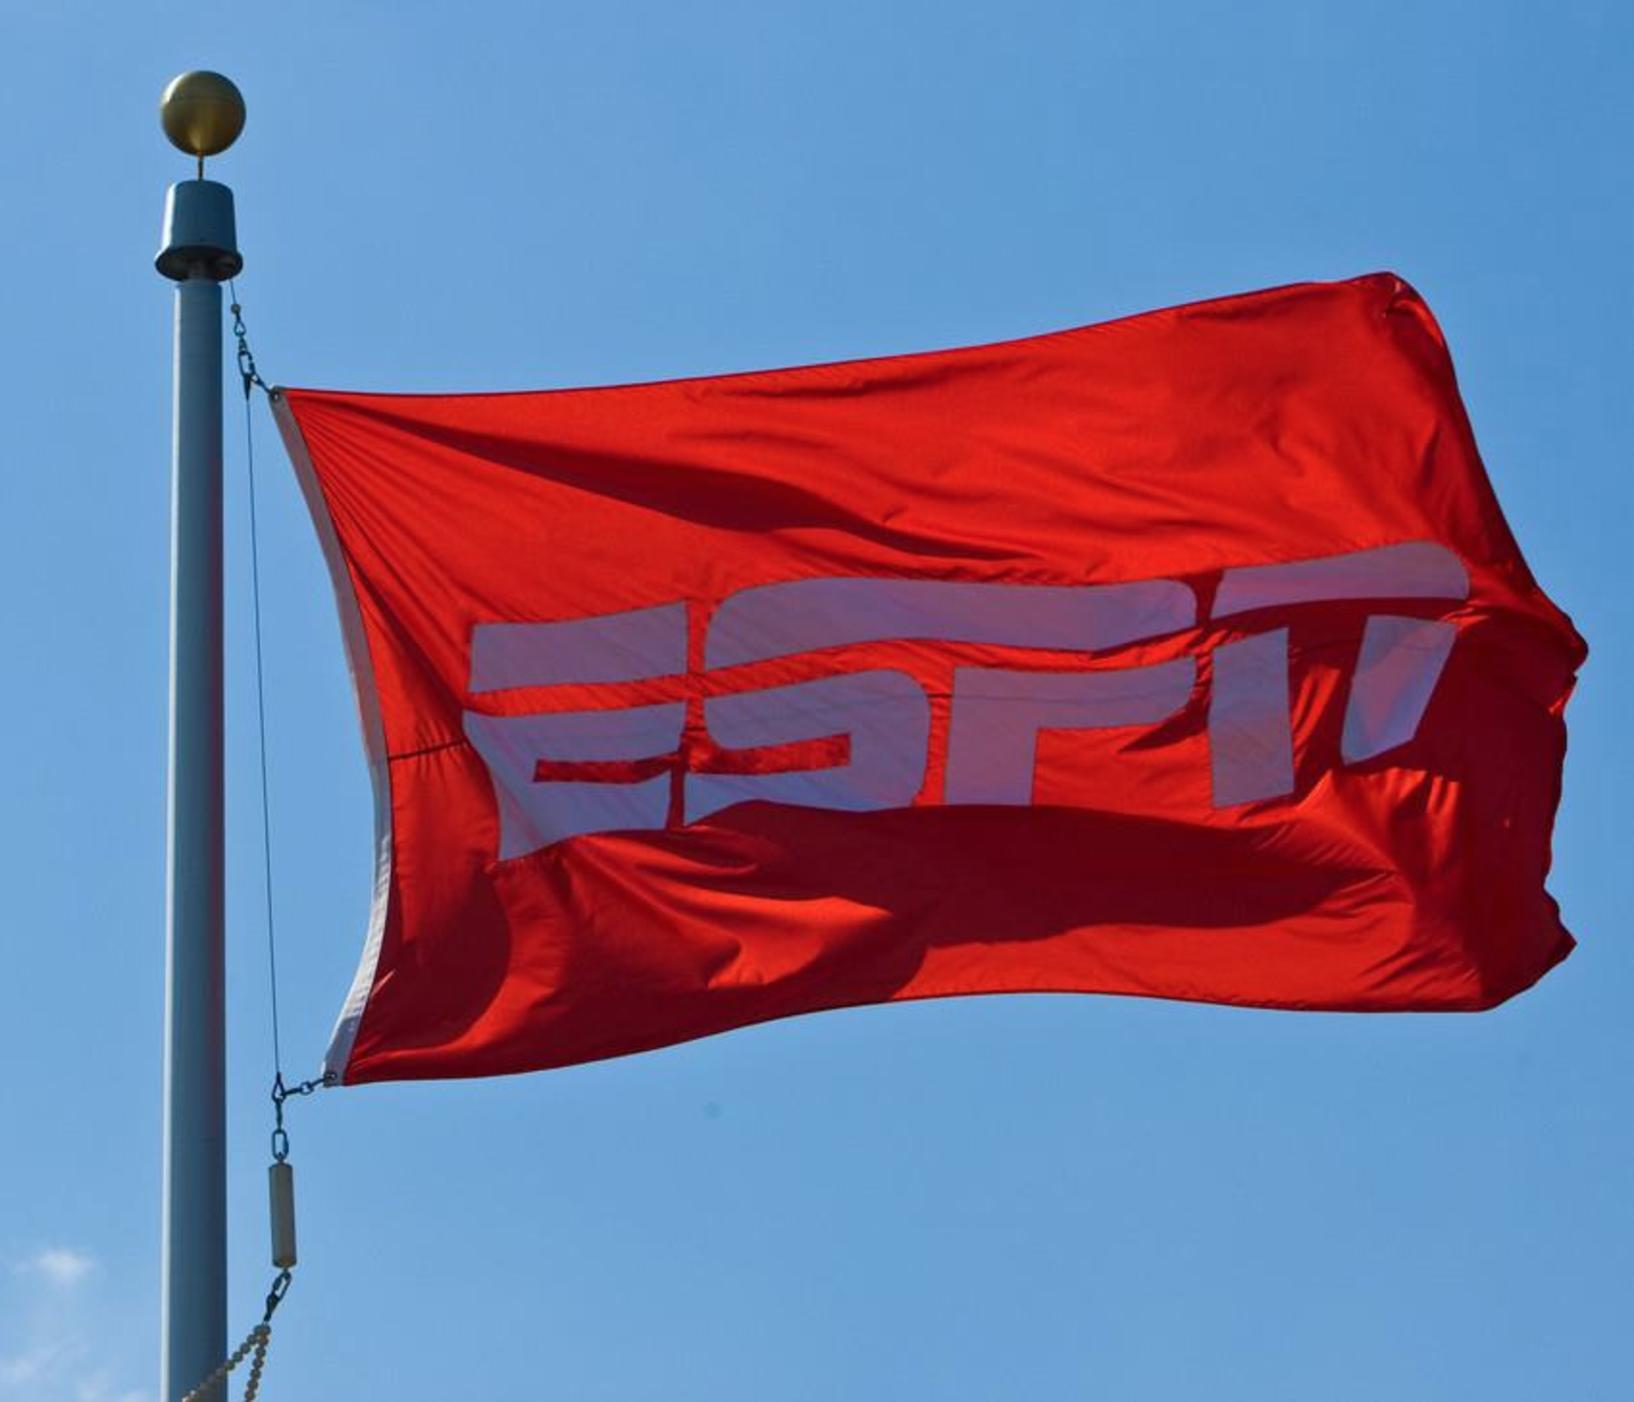 Red flag displaying ESPN logo